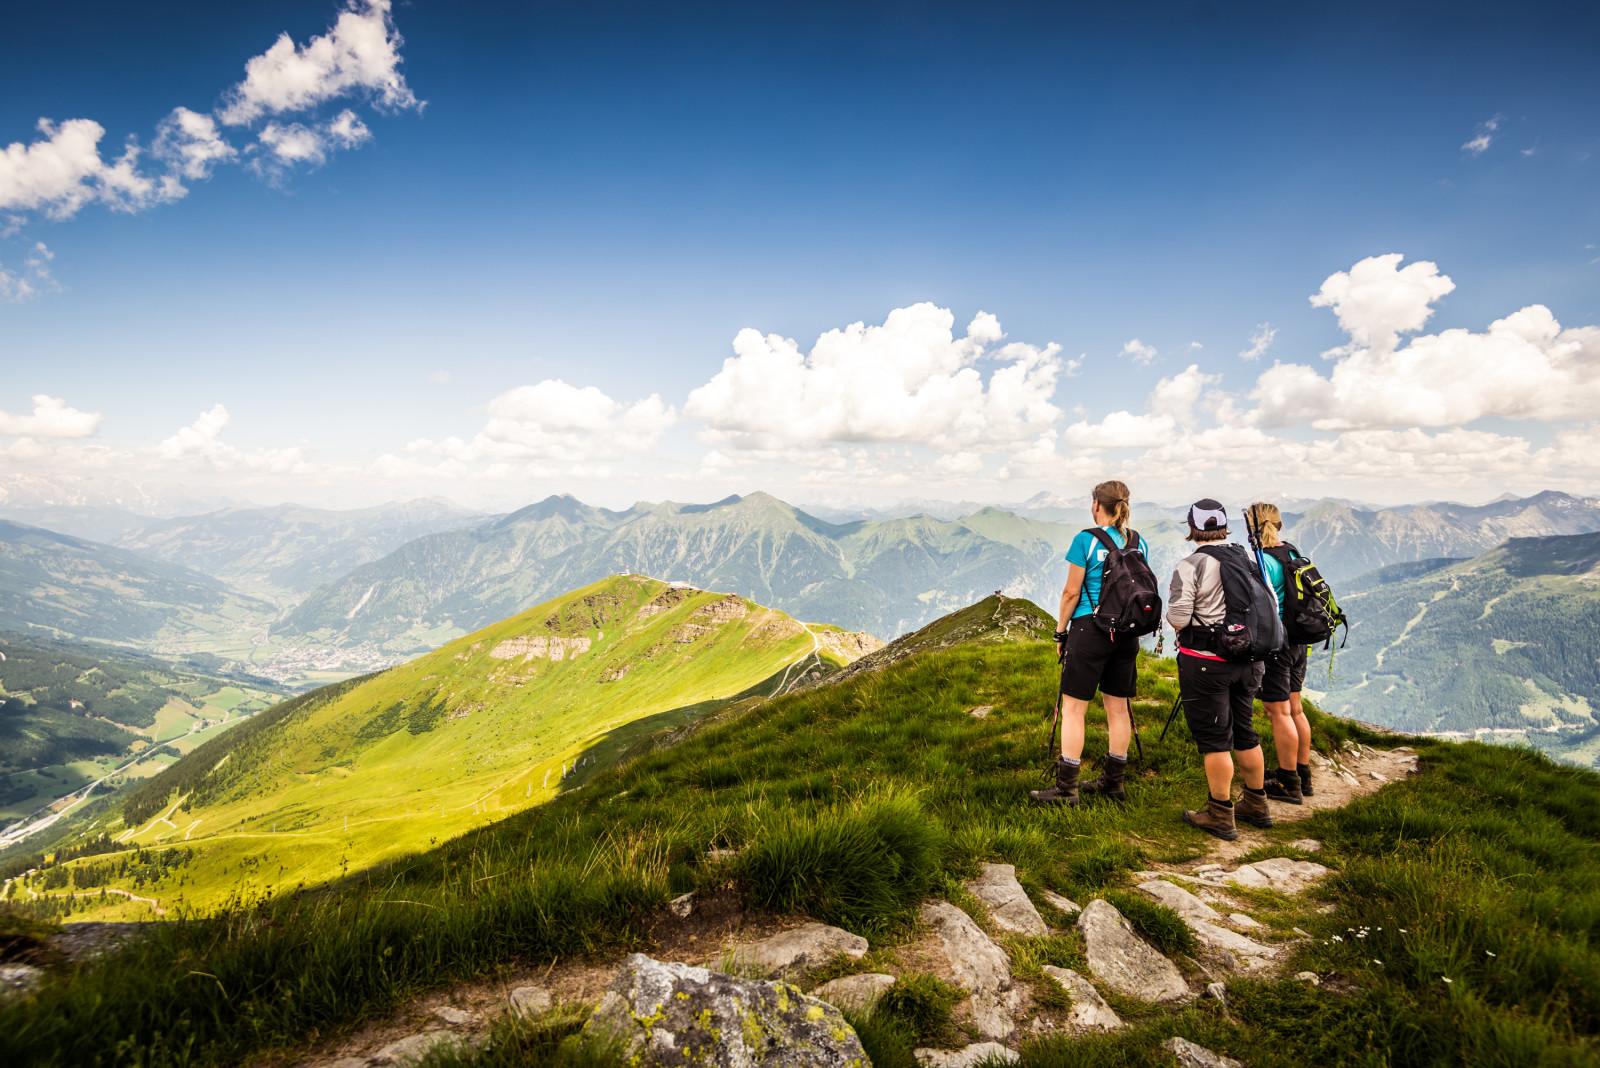 Wandergruppe am Gipfel im Gasteinertal